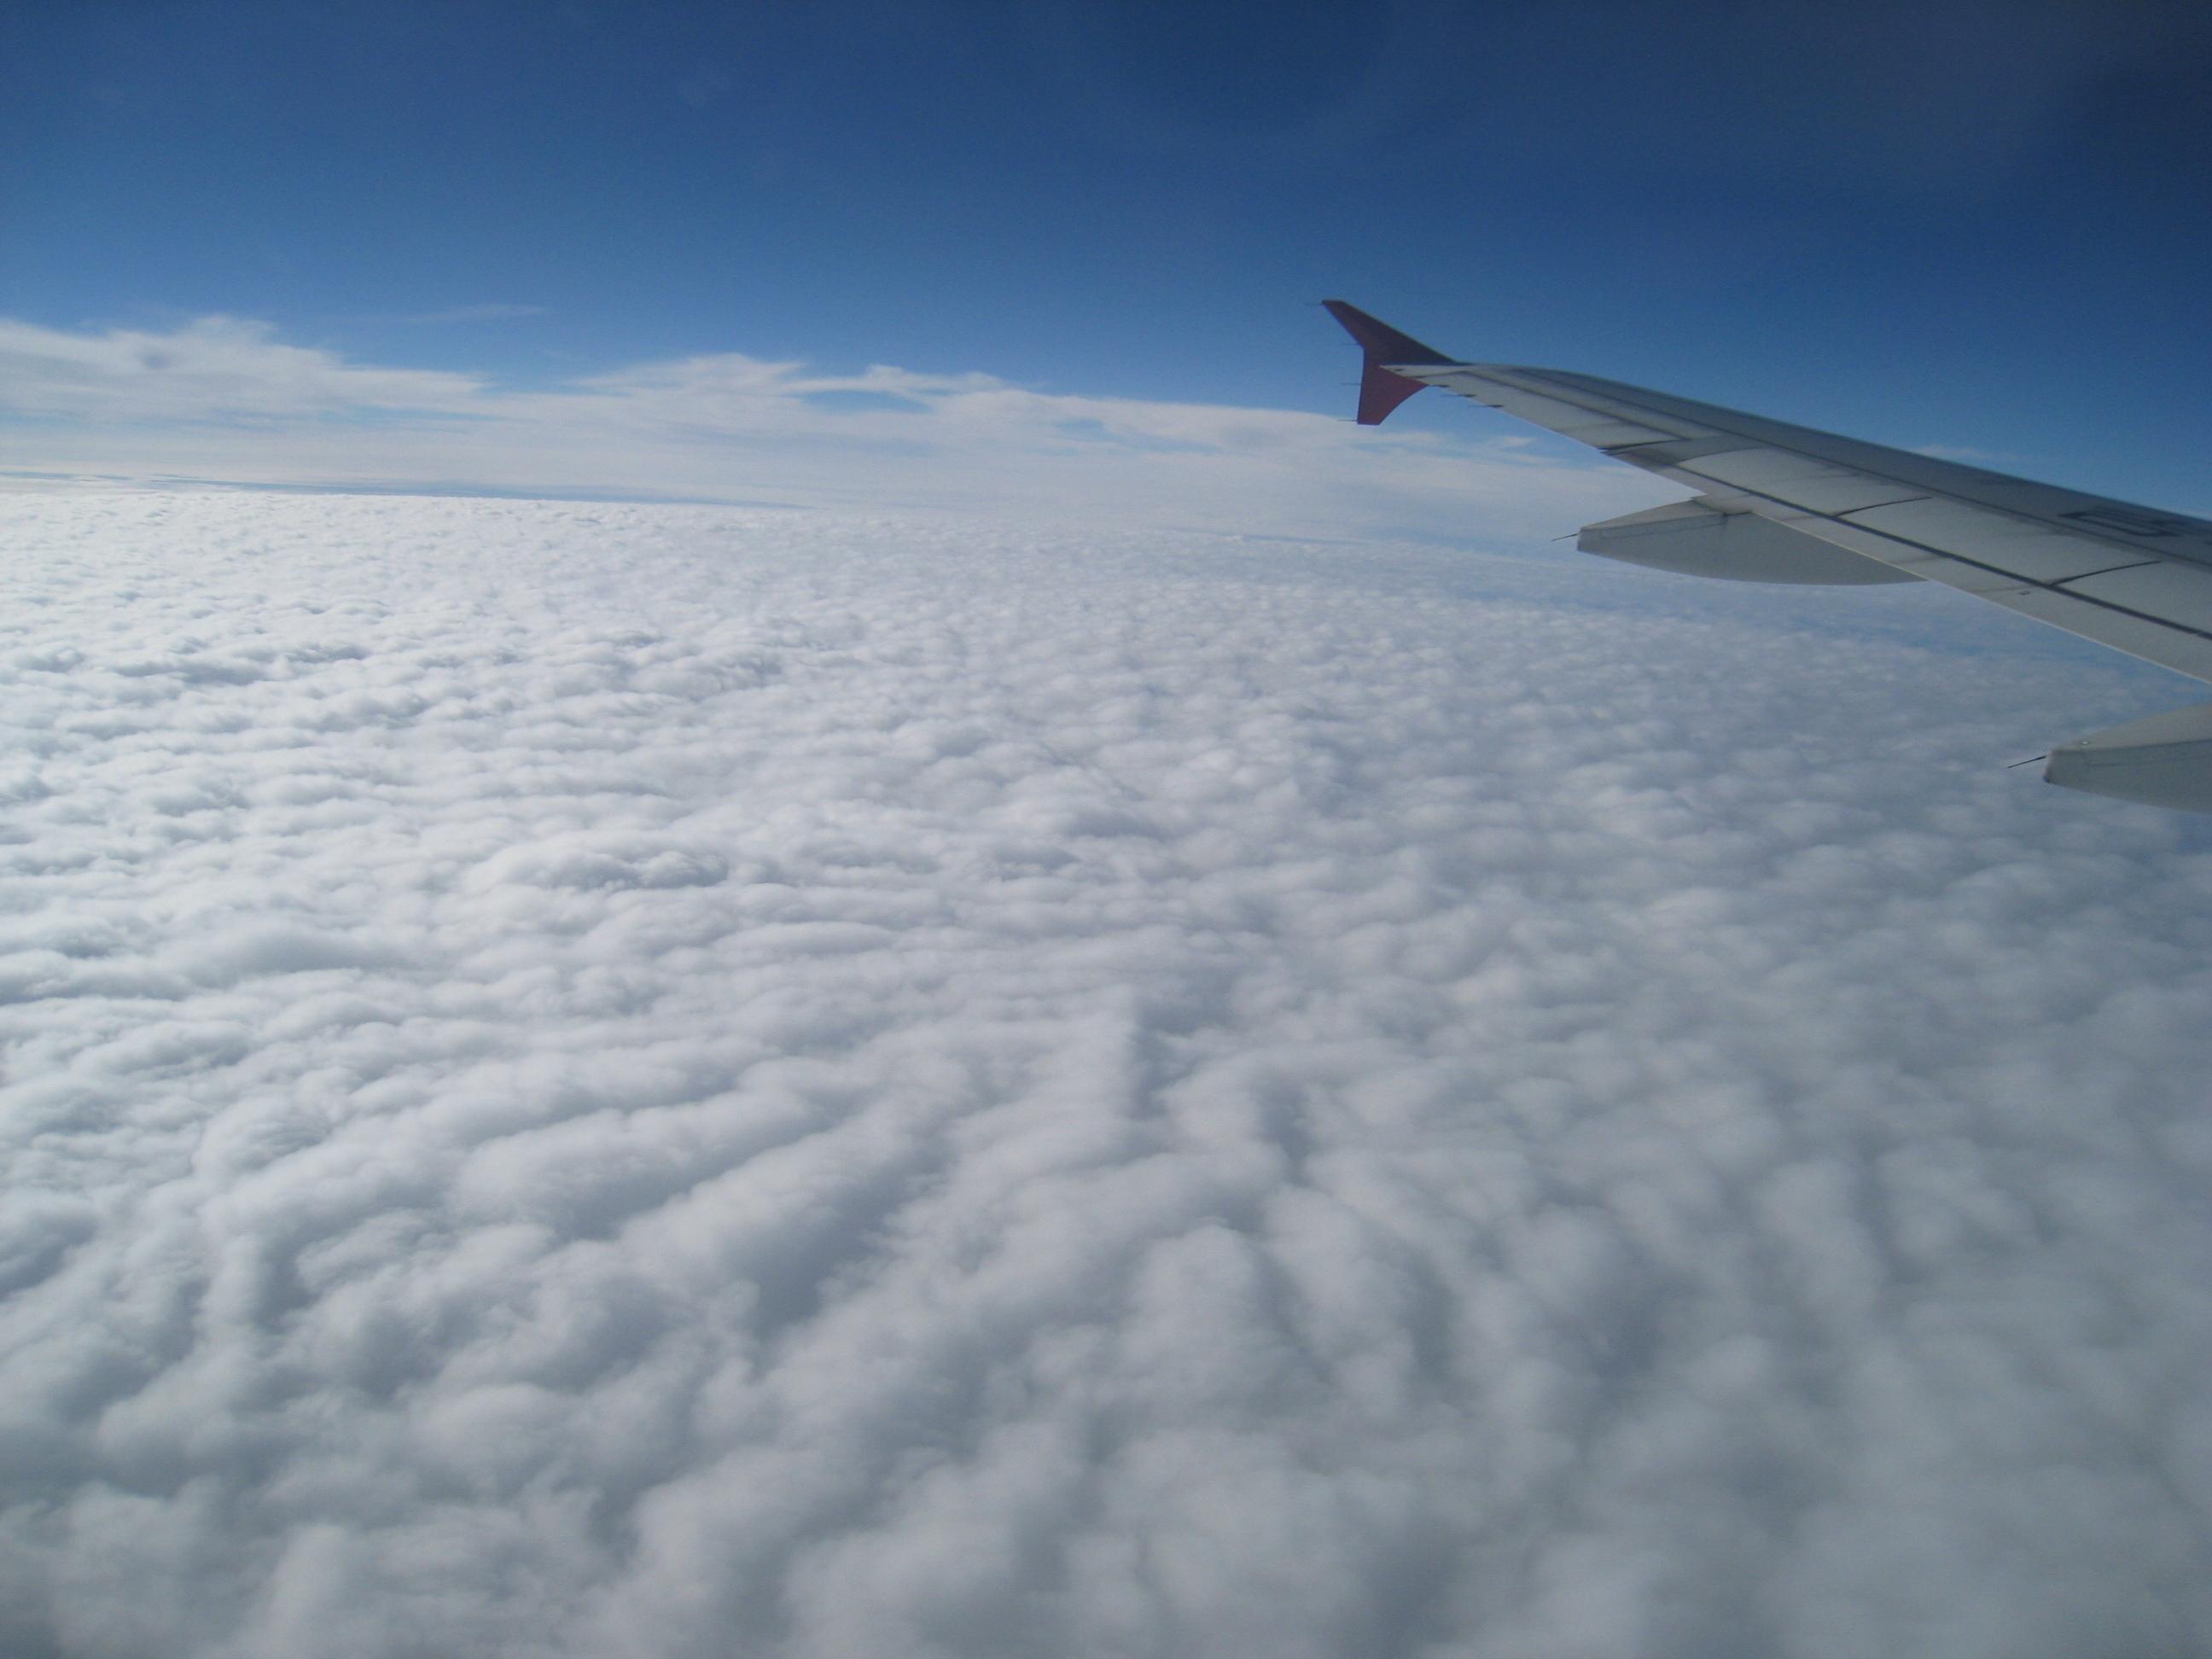 旅行心情记录:飞机上的云海